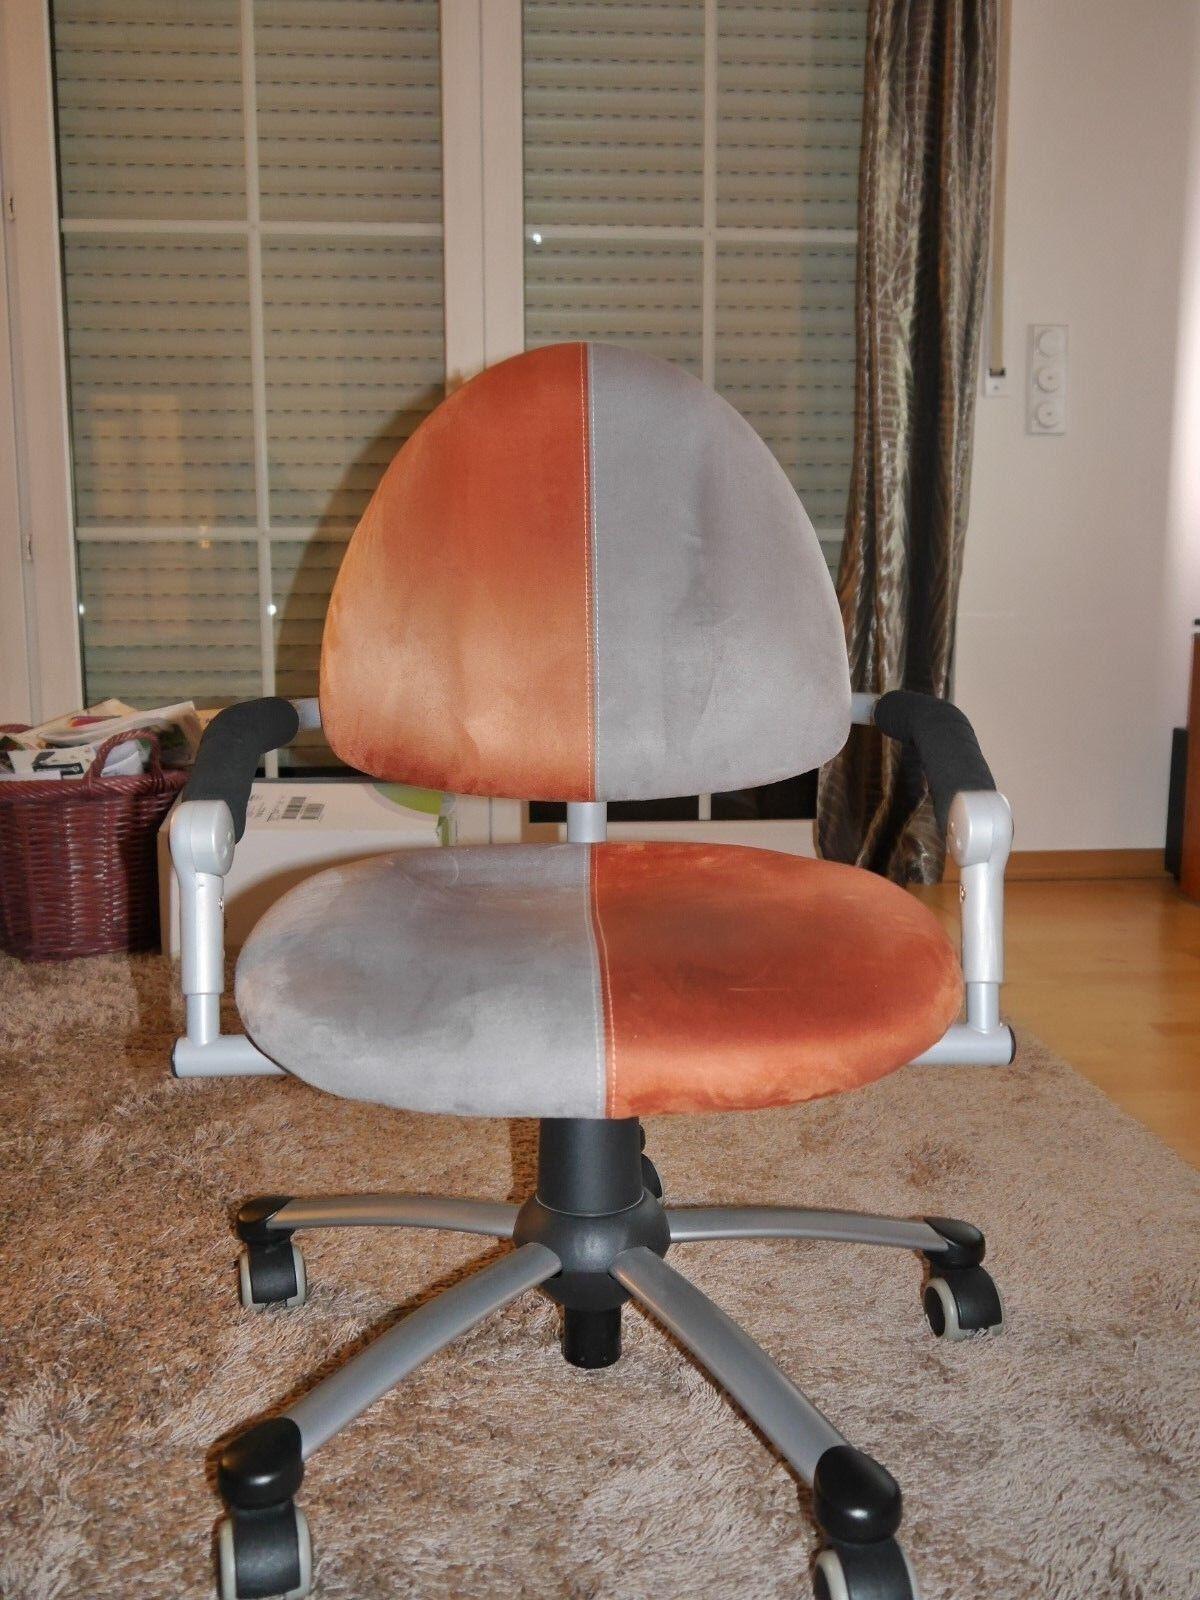 Schreibtischstuhl Bürostuhl Jugendstuhl Jugendstuhl Jugendstuhl Drehstuhl grau-terracotta drehbar ffbfc9